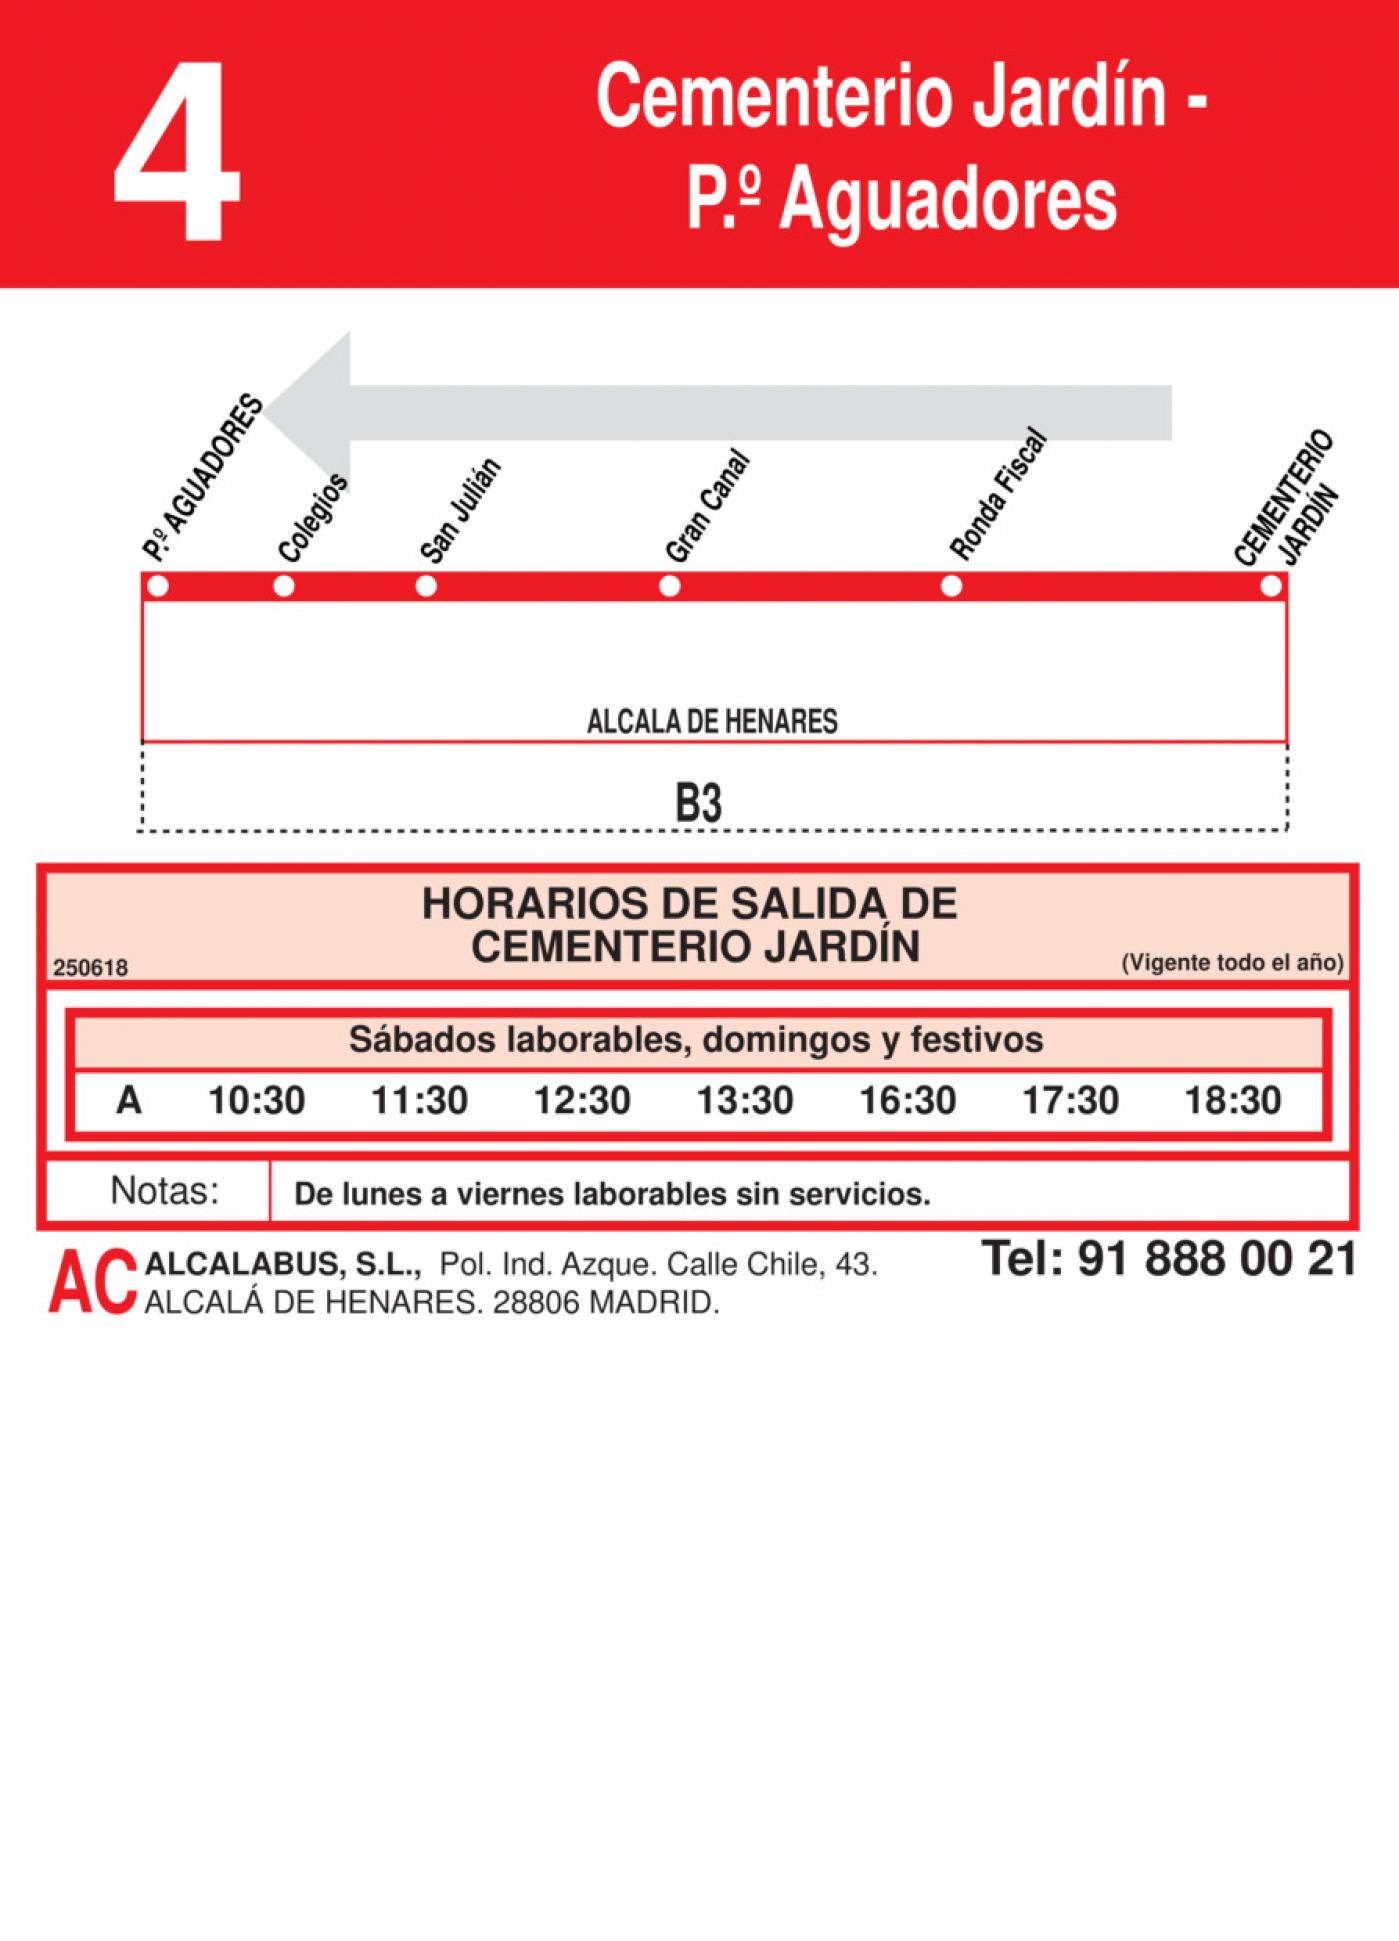 Tabla de horarios y frecuencias de paso en sentido vuelta Línea L-4 Alcalá de Henares: Plaza Cervantes - Cementerio Jardín